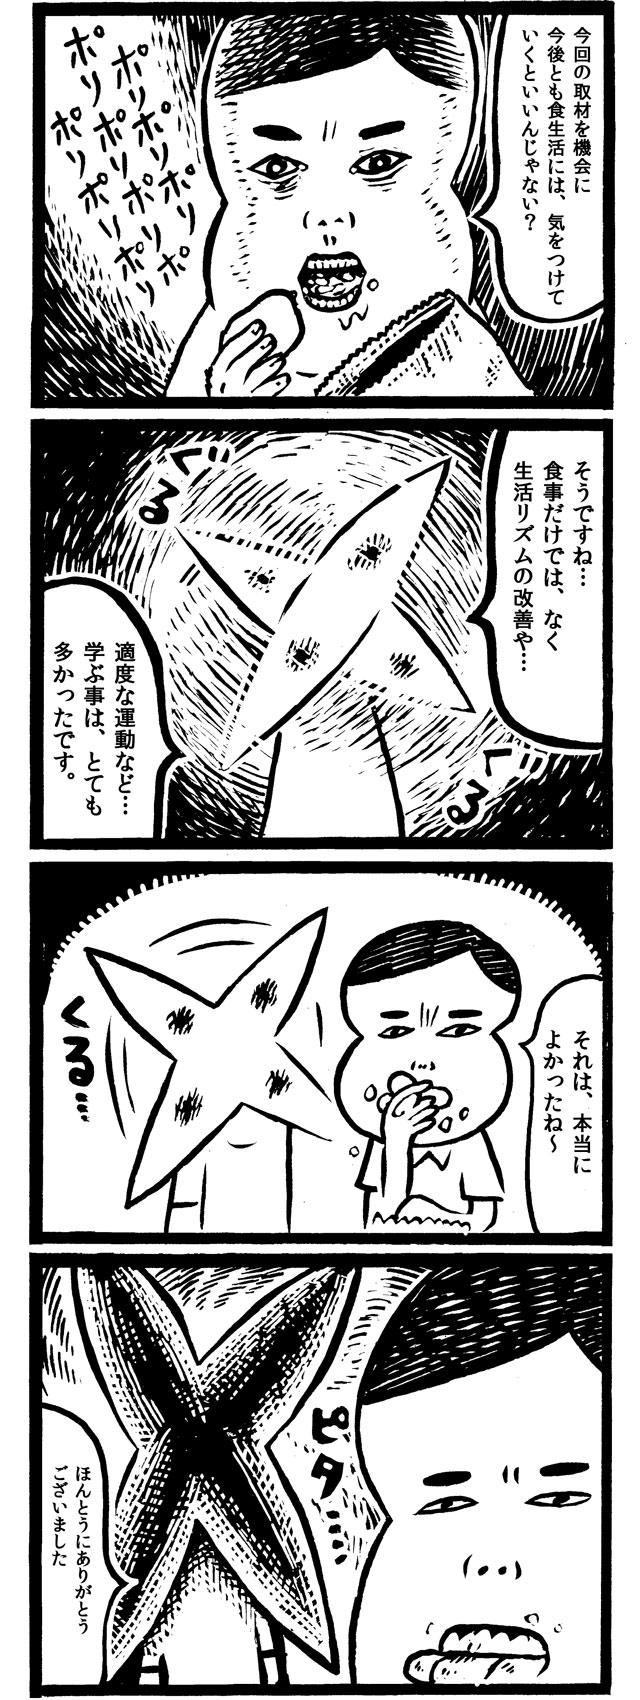 danziki-2-10